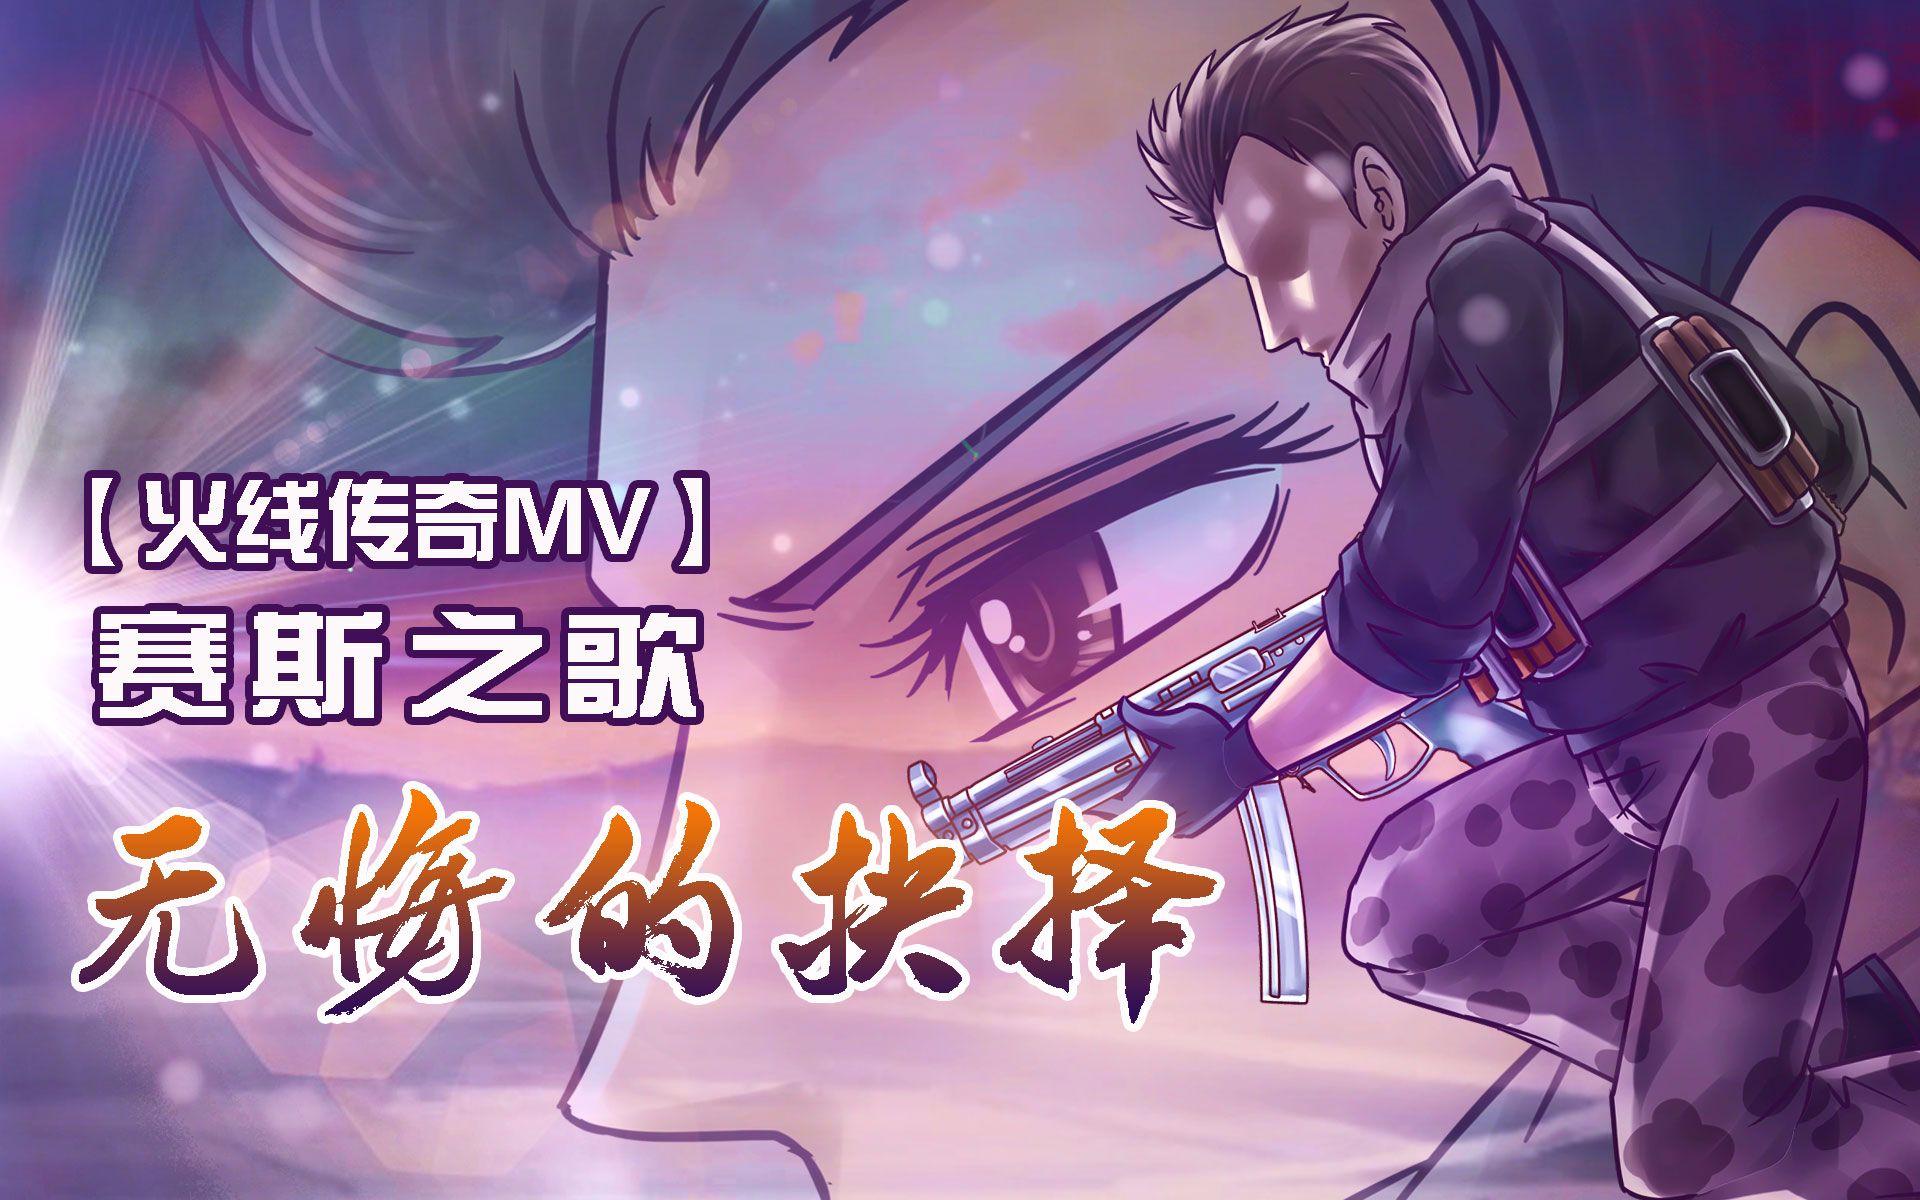 火線傳奇第三季MV 無悔的抉擇_嗶哩嗶哩 (゜-゜)つロ 干杯~-bilibili